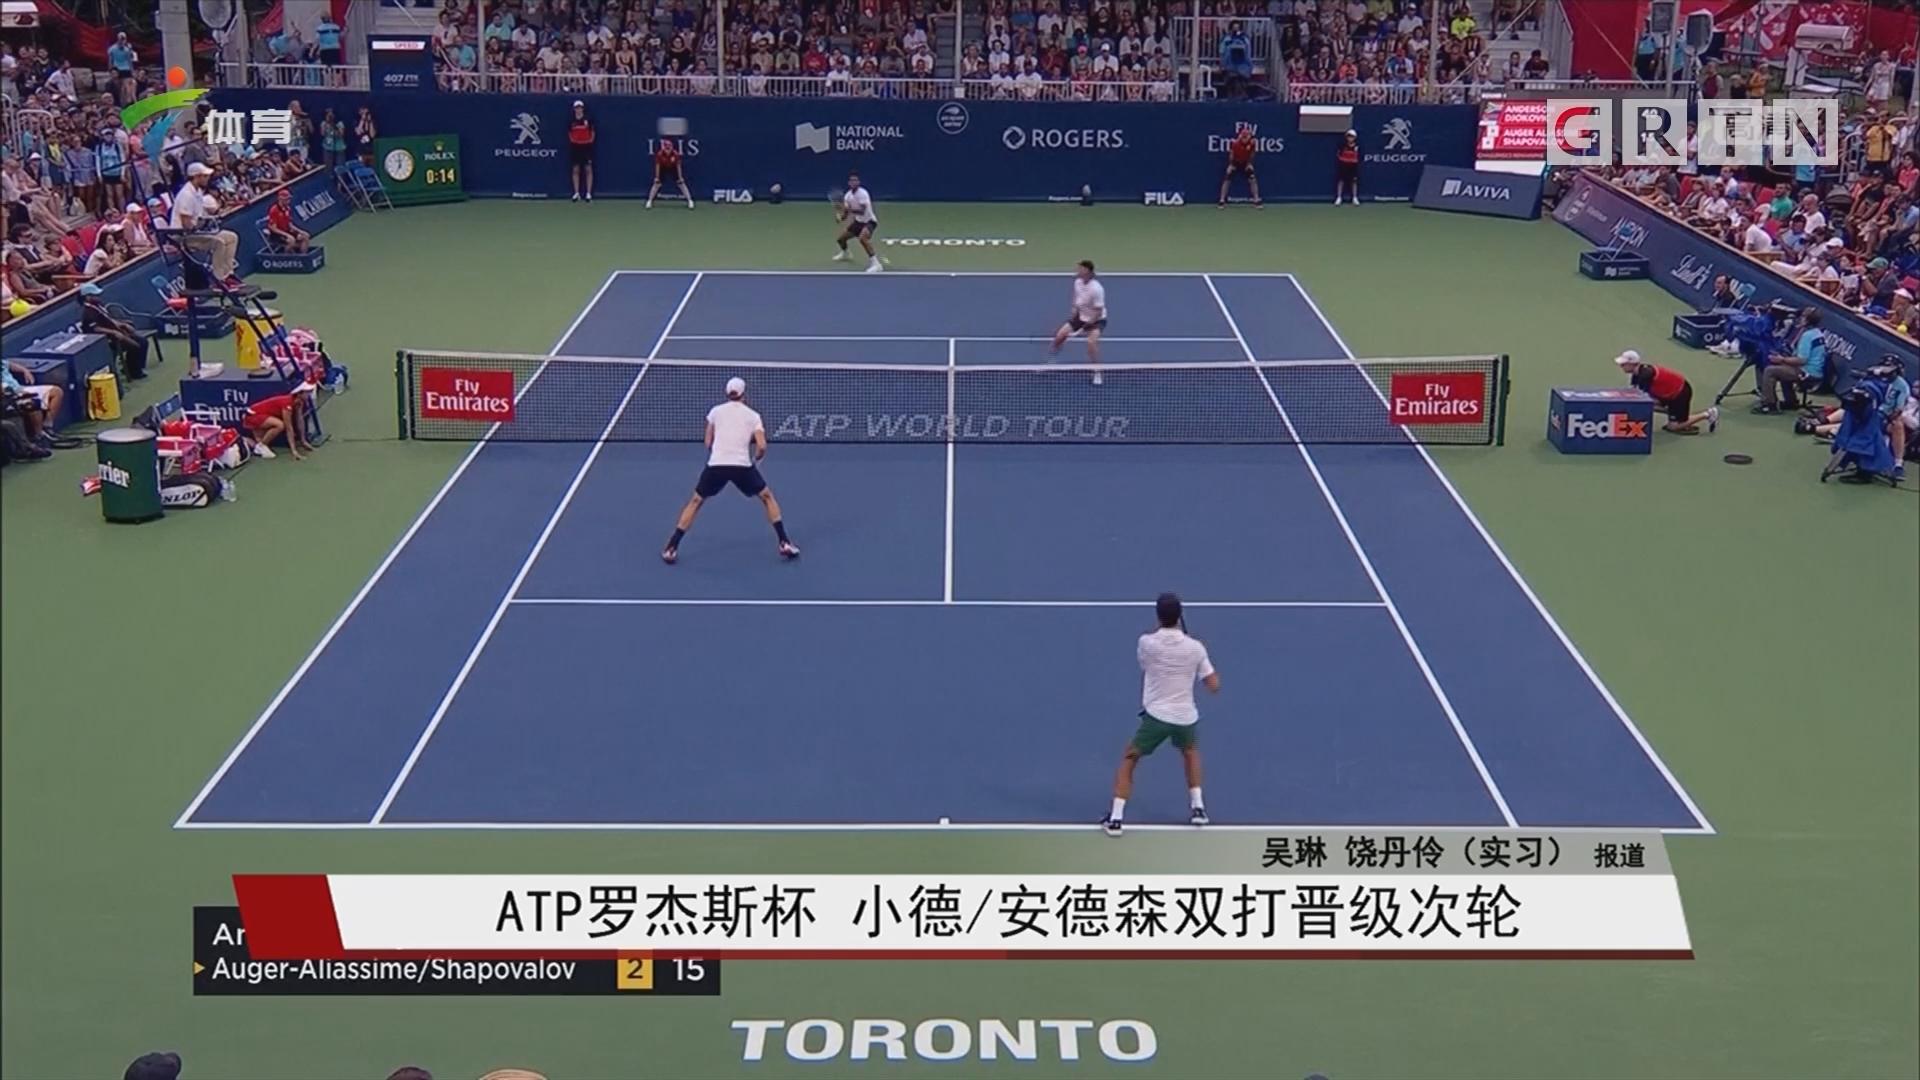 ATP罗杰斯杯 小德/安德森双打晋级次轮